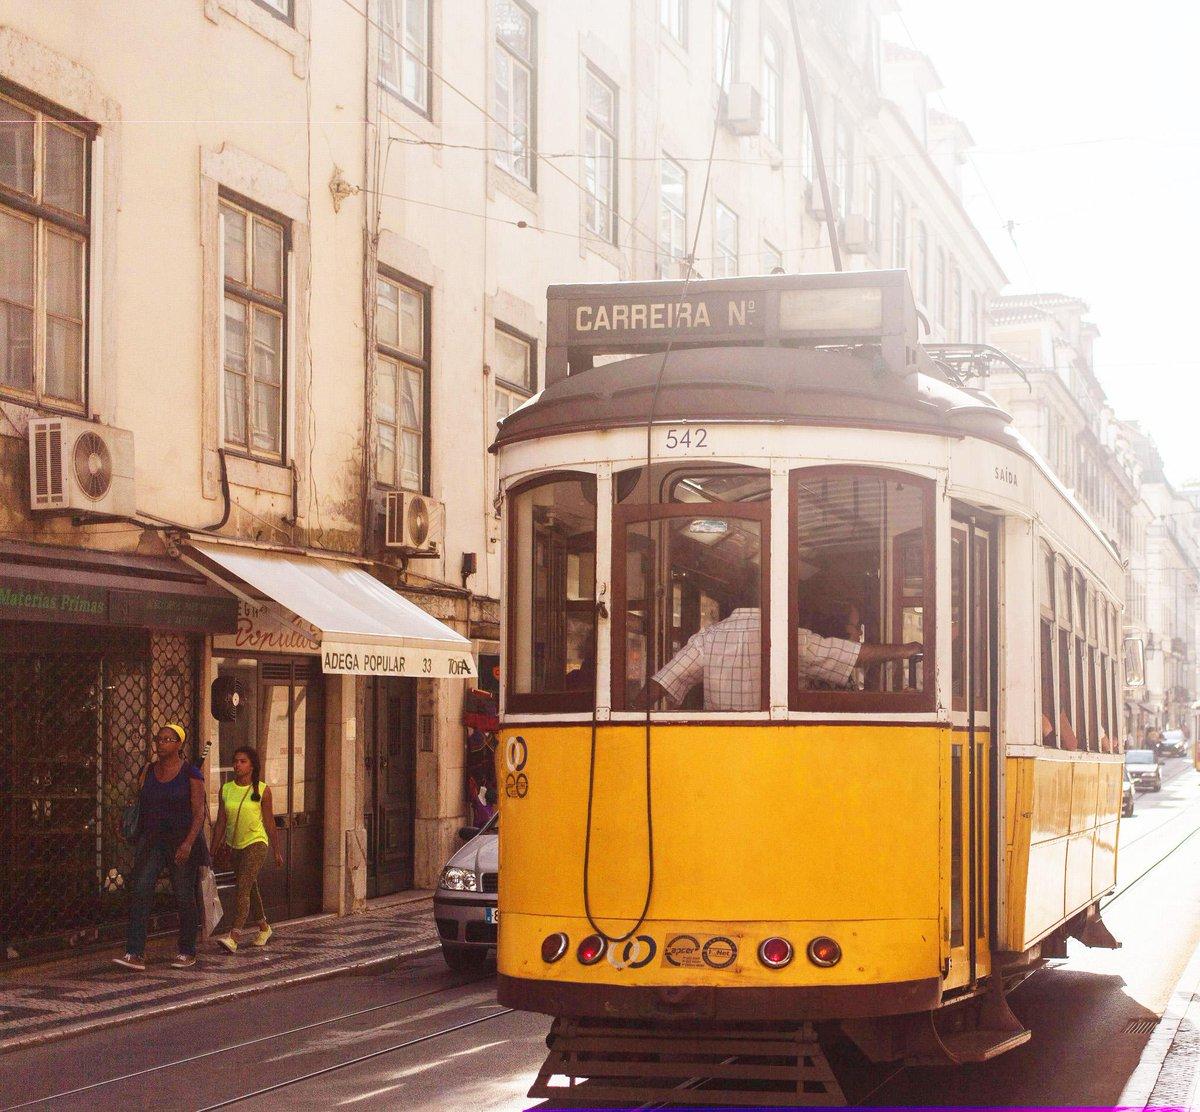 Mikä matkailussa on parasta? Bloggarimme @kkaipuu fiilistelee kohtaamisia ja hetkiä maailmalla